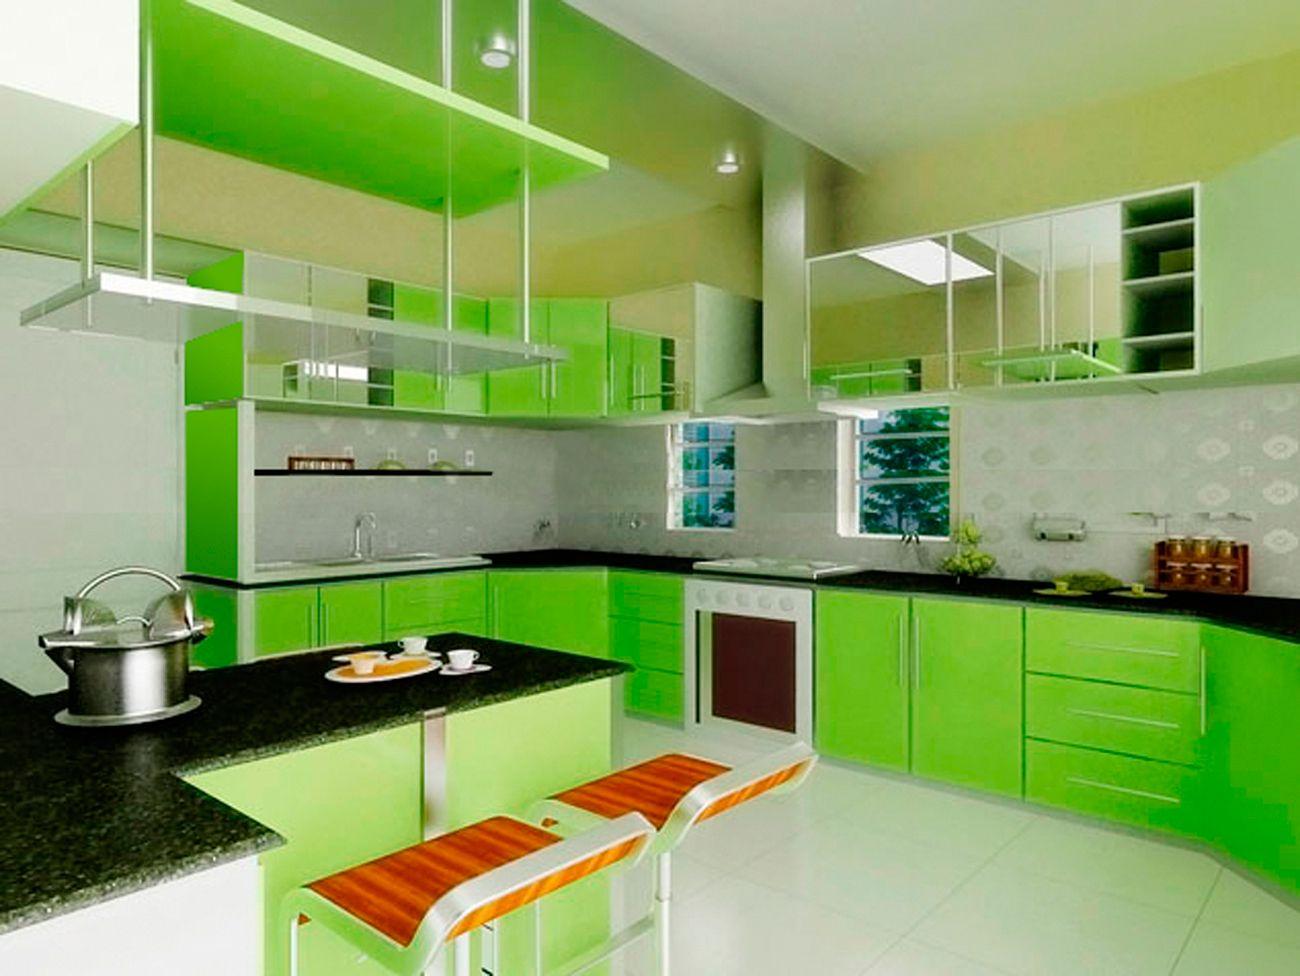 green-apple-kitchen-cabinets-design-green-kitchen | kitchen ...